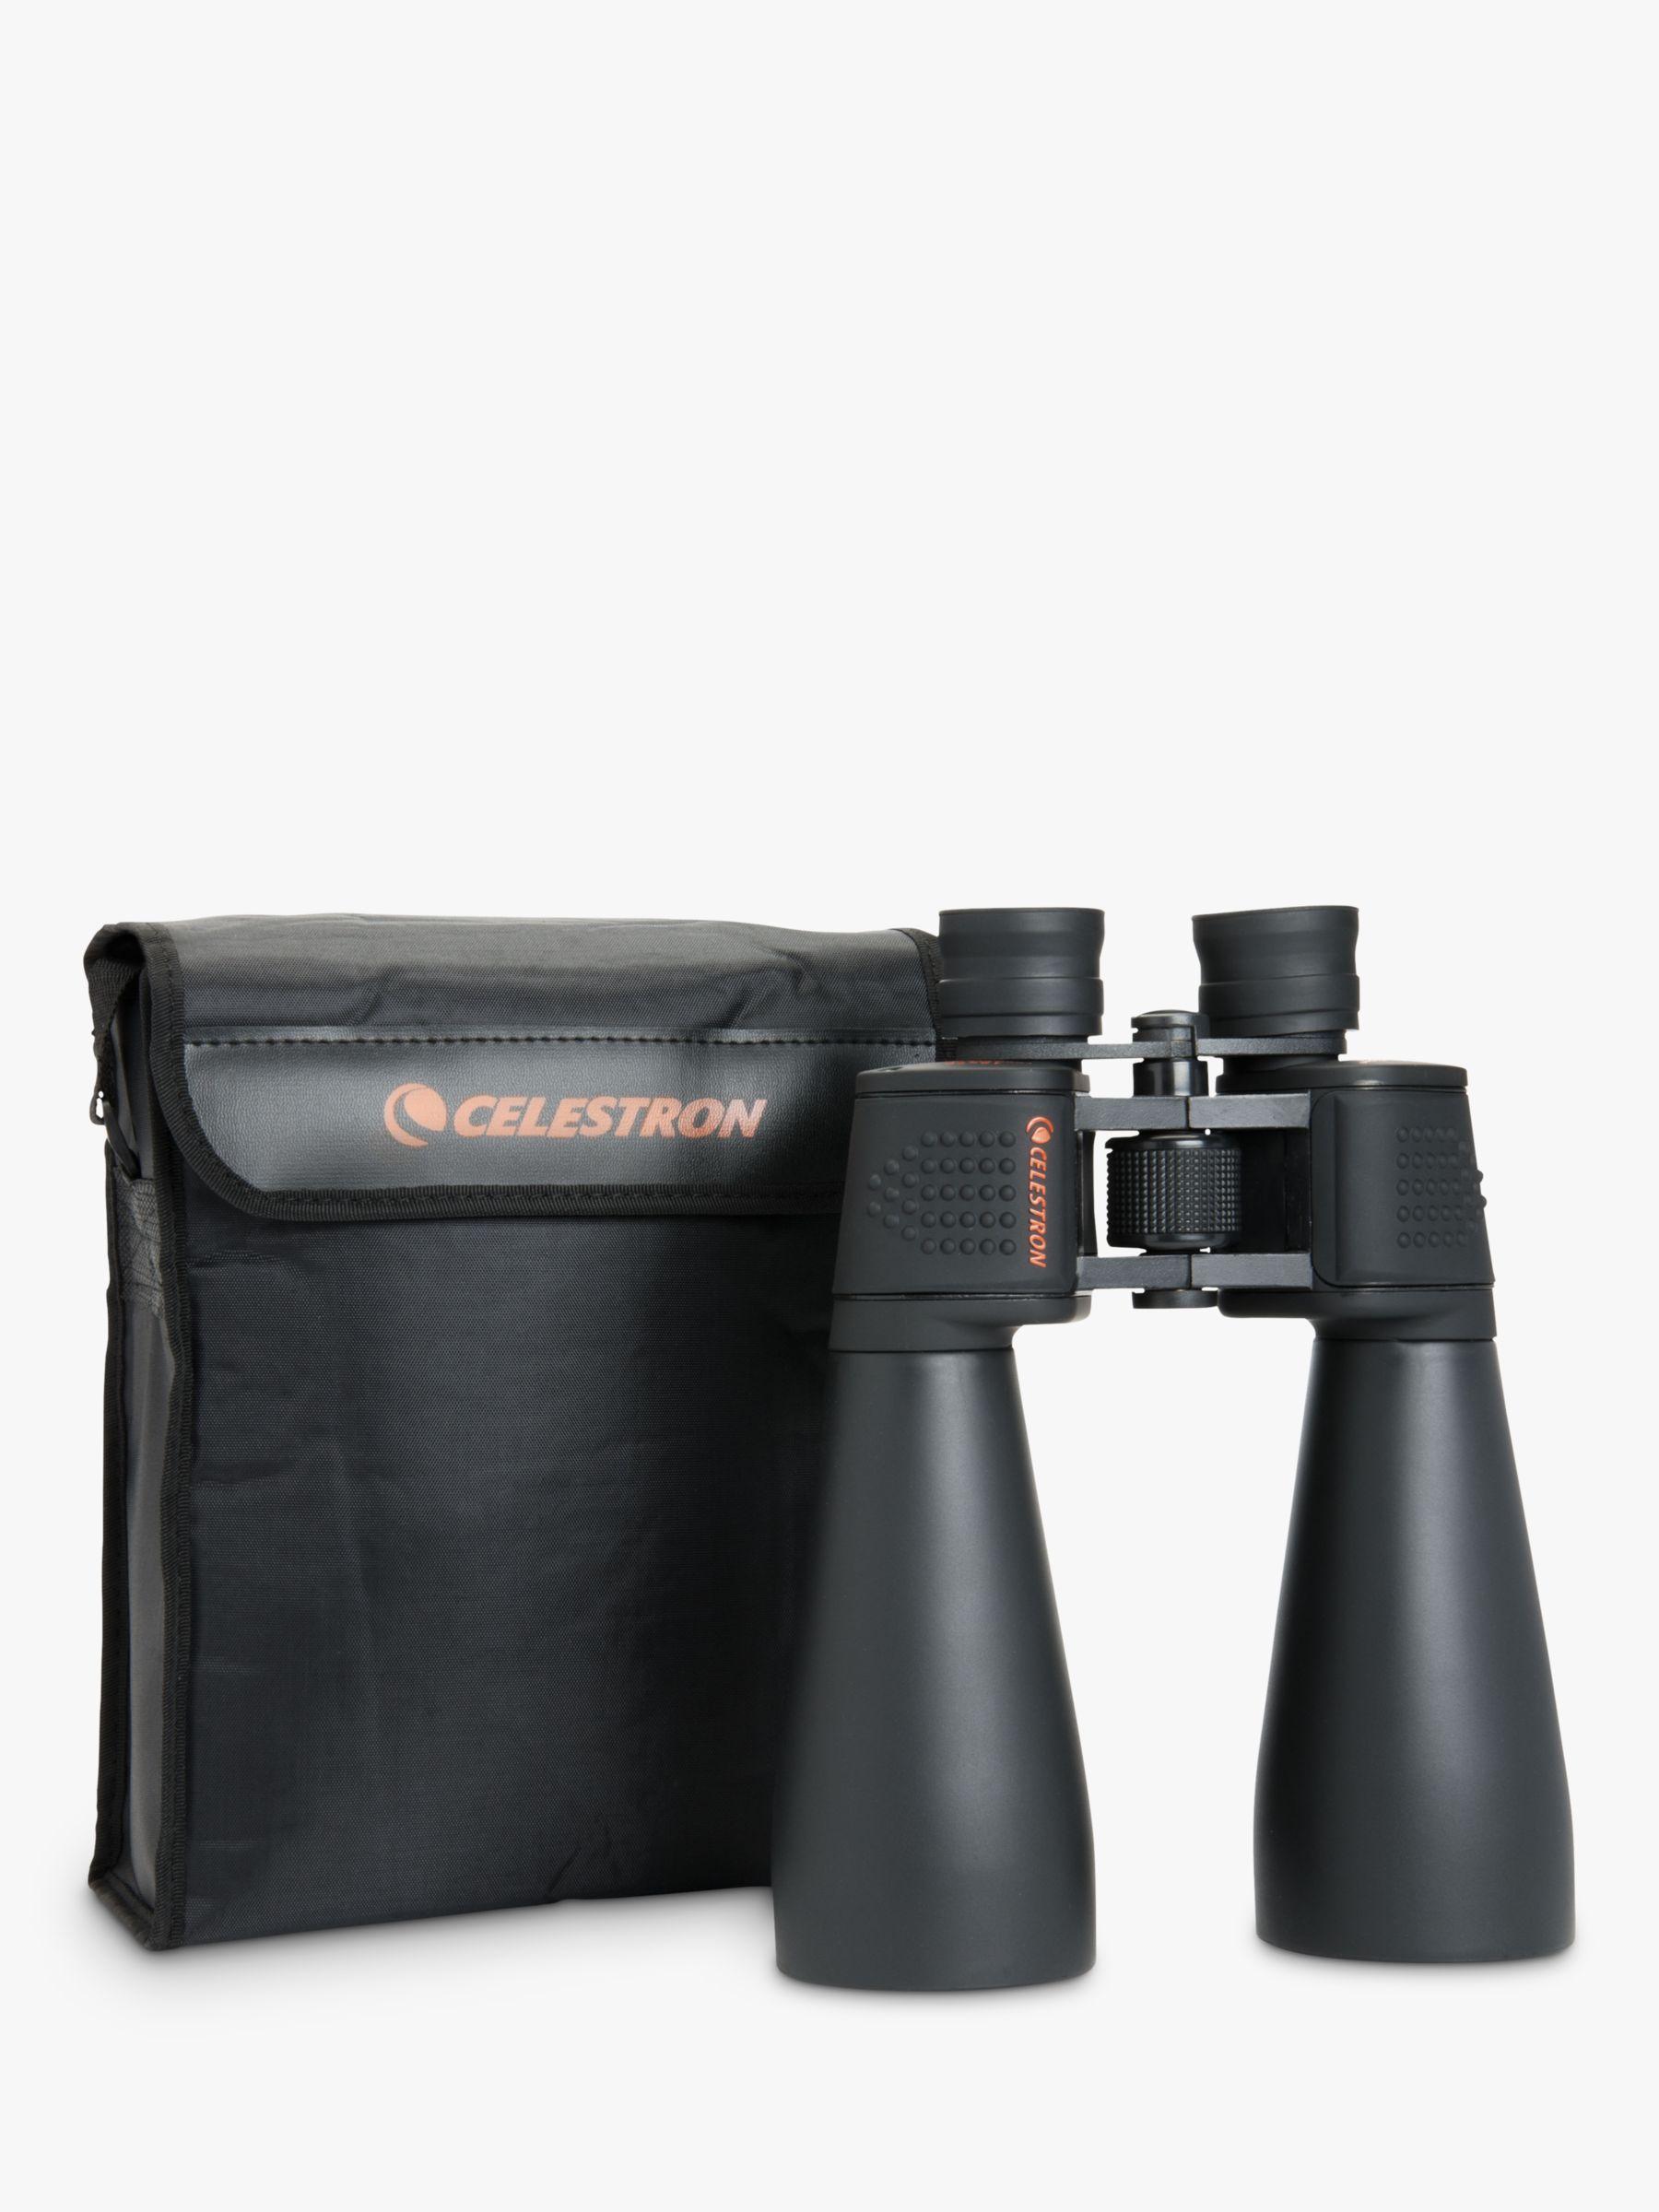 Celestron Skymaster Binoculars, 15 x 70, Black